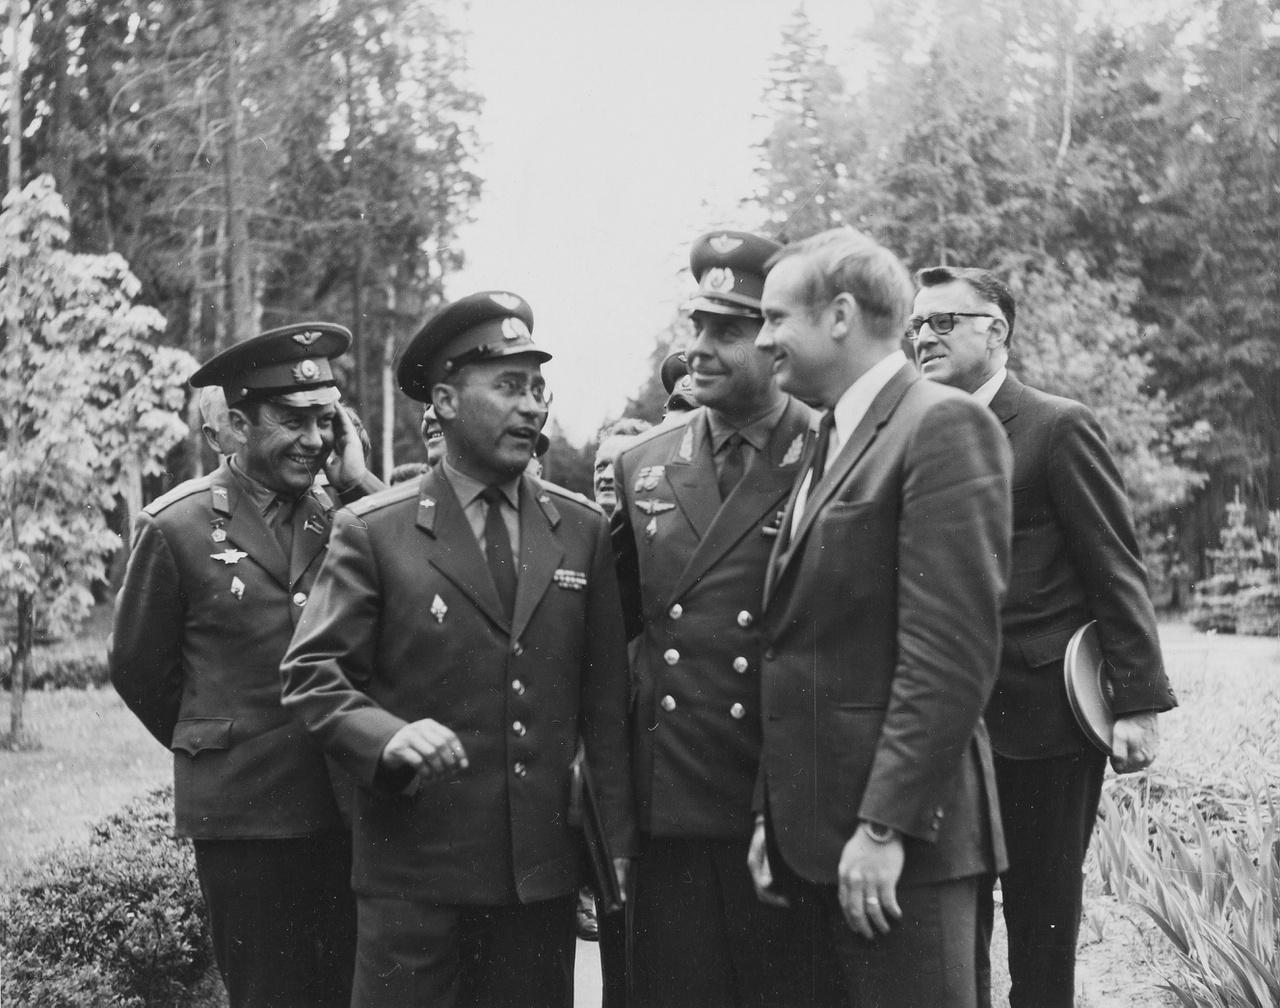 Armstrong szovjet katonai vezetők társaságában.